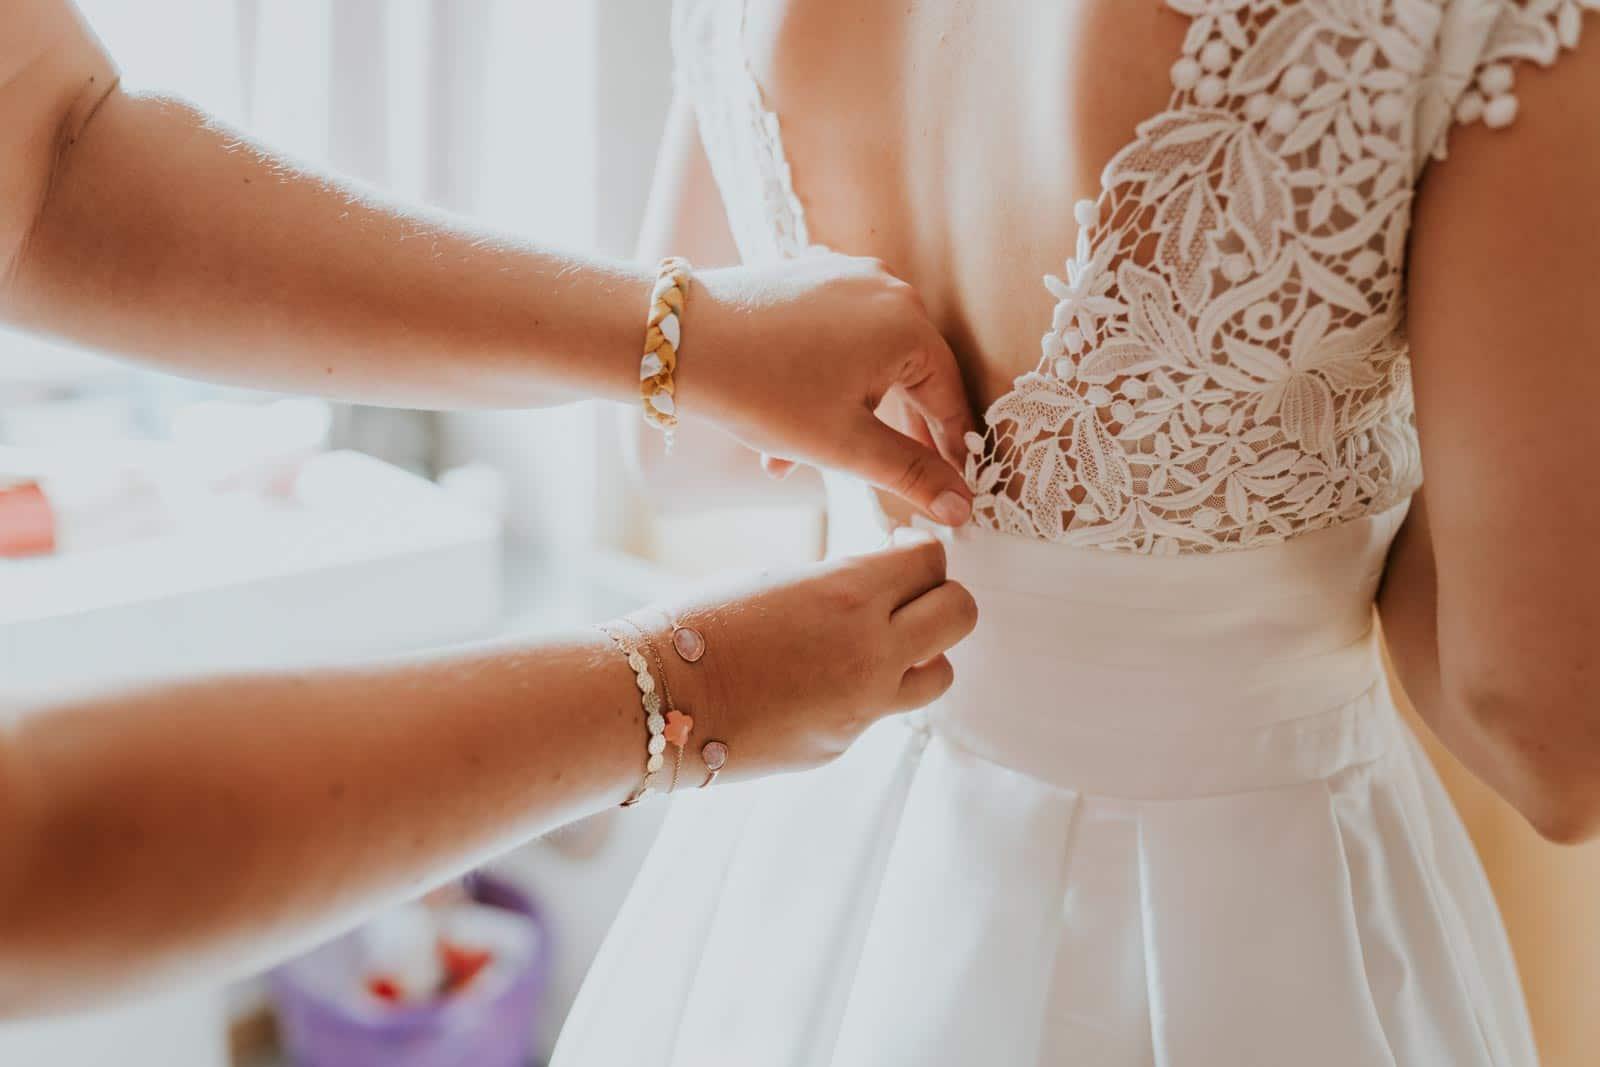 La fermeture de la robe…